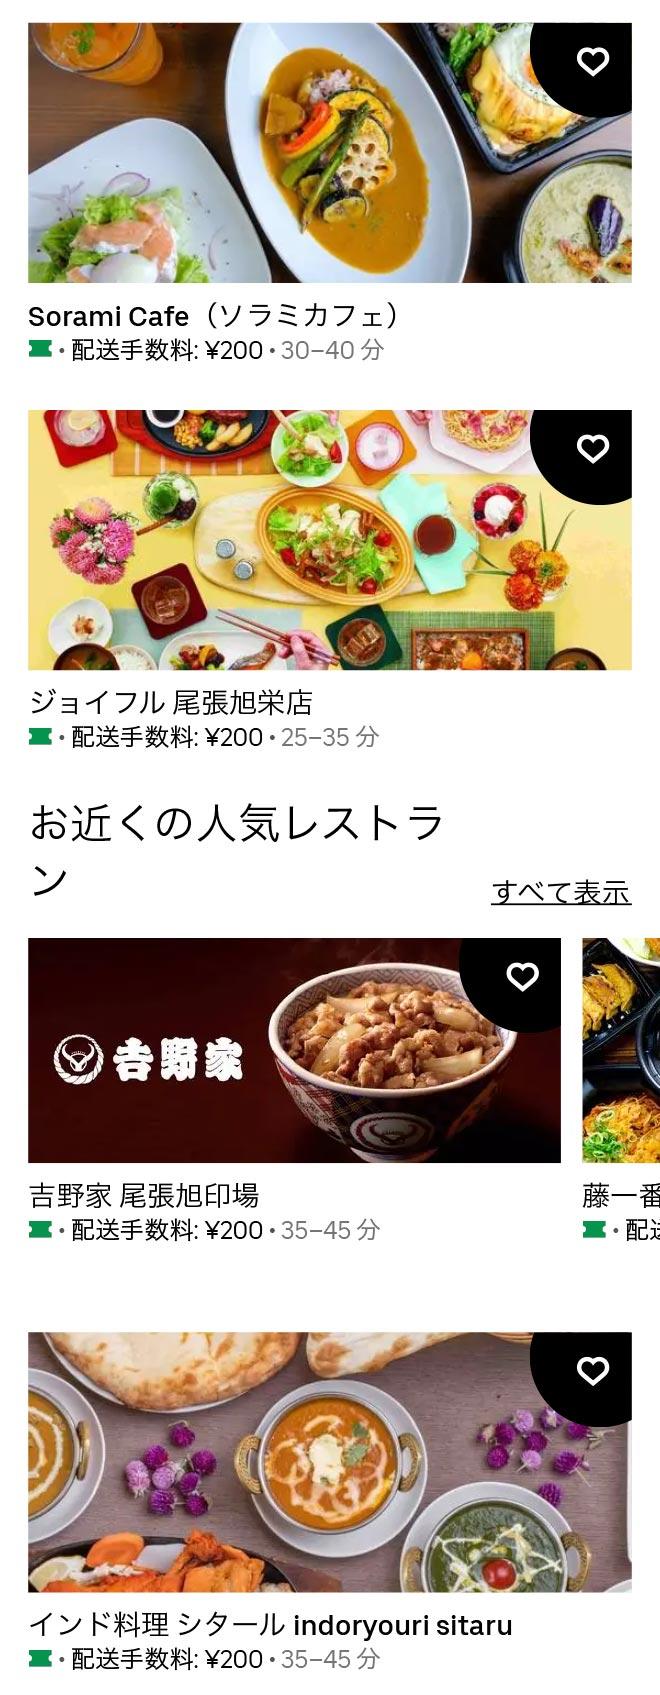 U owari asahi 2106 07